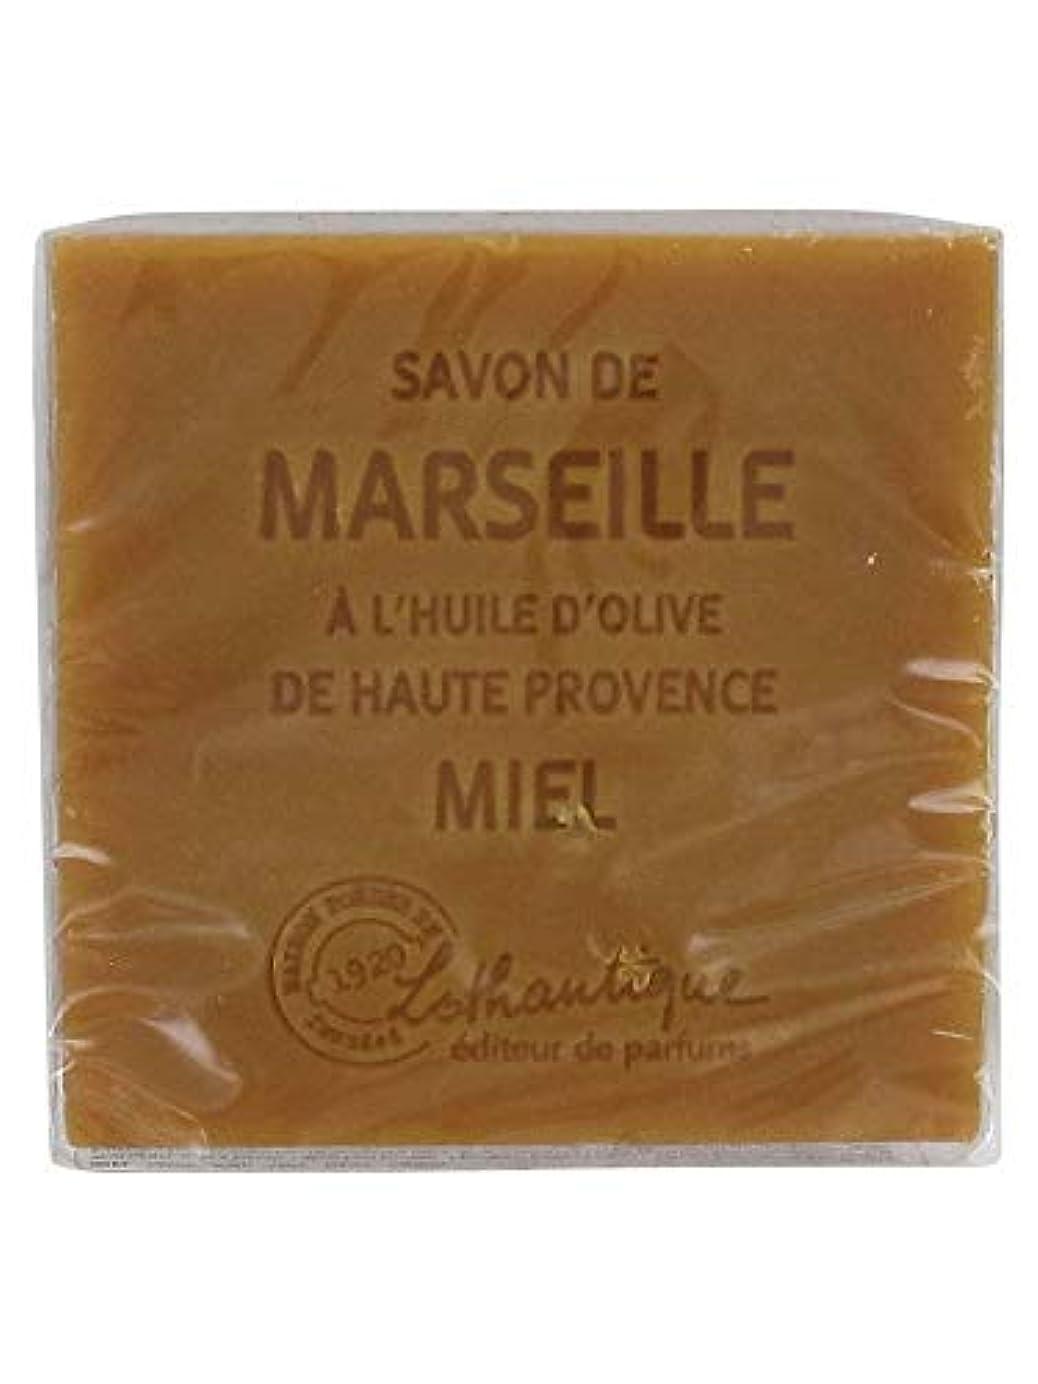 窒素答えビバLothantique(ロタンティック) Les savons de Marseille(マルセイユソープ) マルセイユソープ 100g 「ハニー」 3420070038074